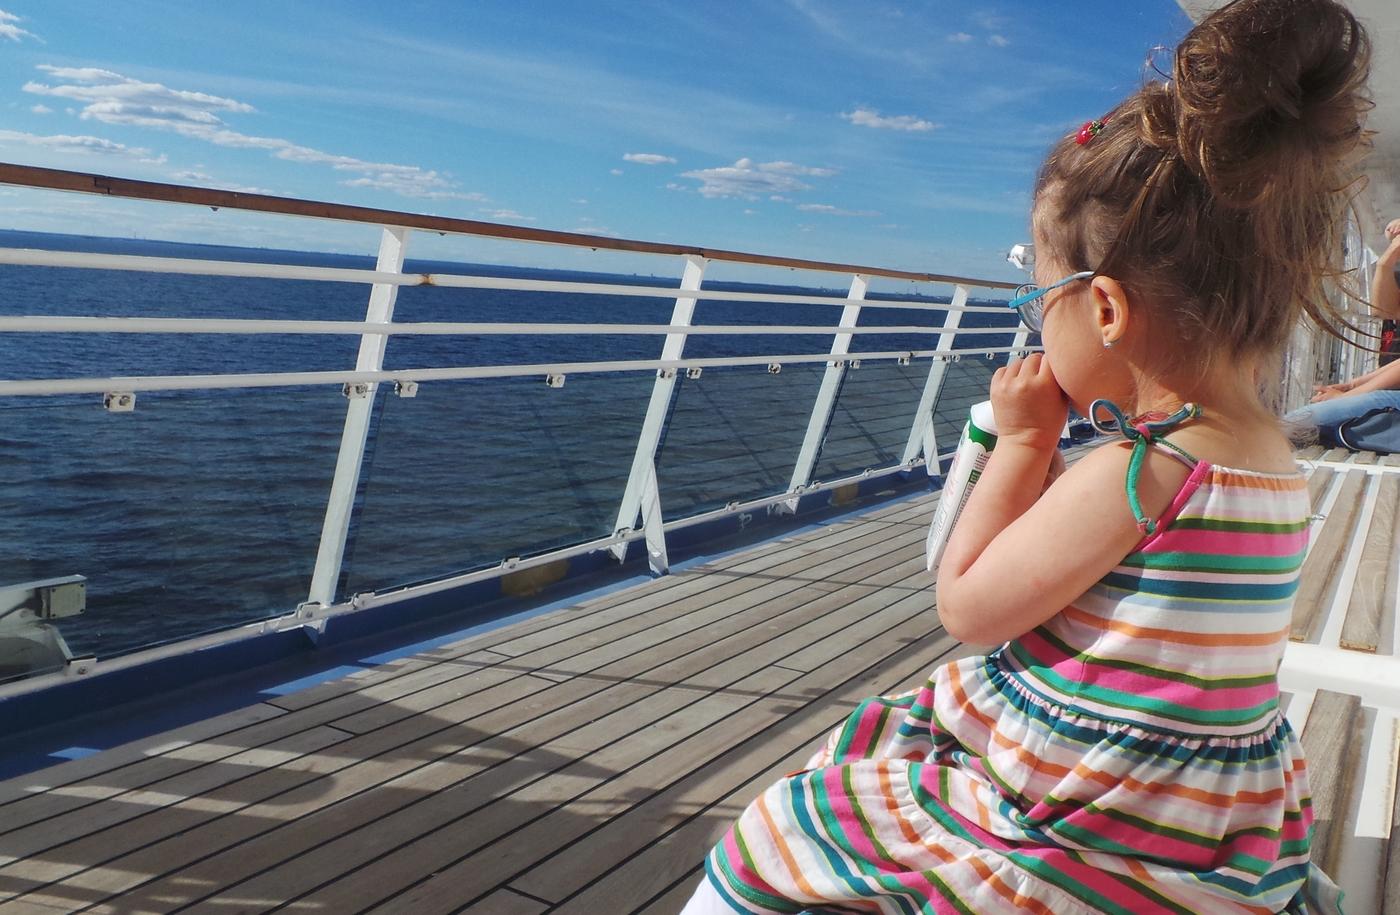 Lapsimeininkejä laivalla